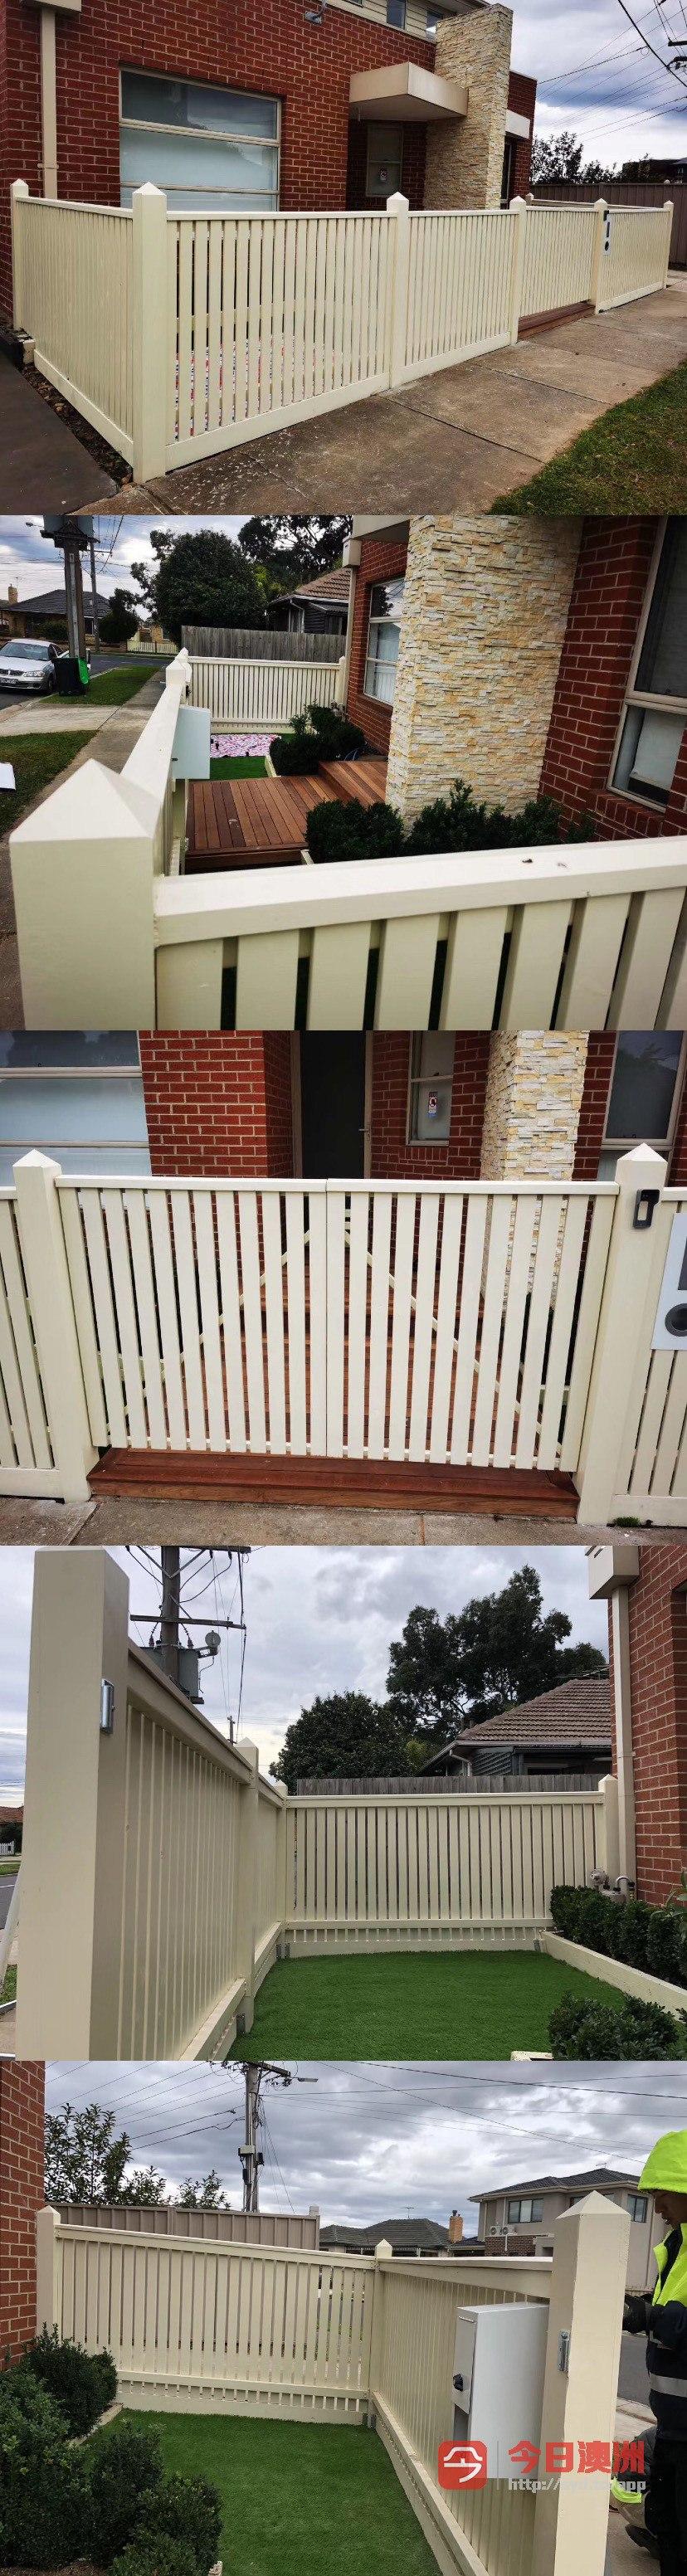 栏杆棚花园假草大门围墙施工设计